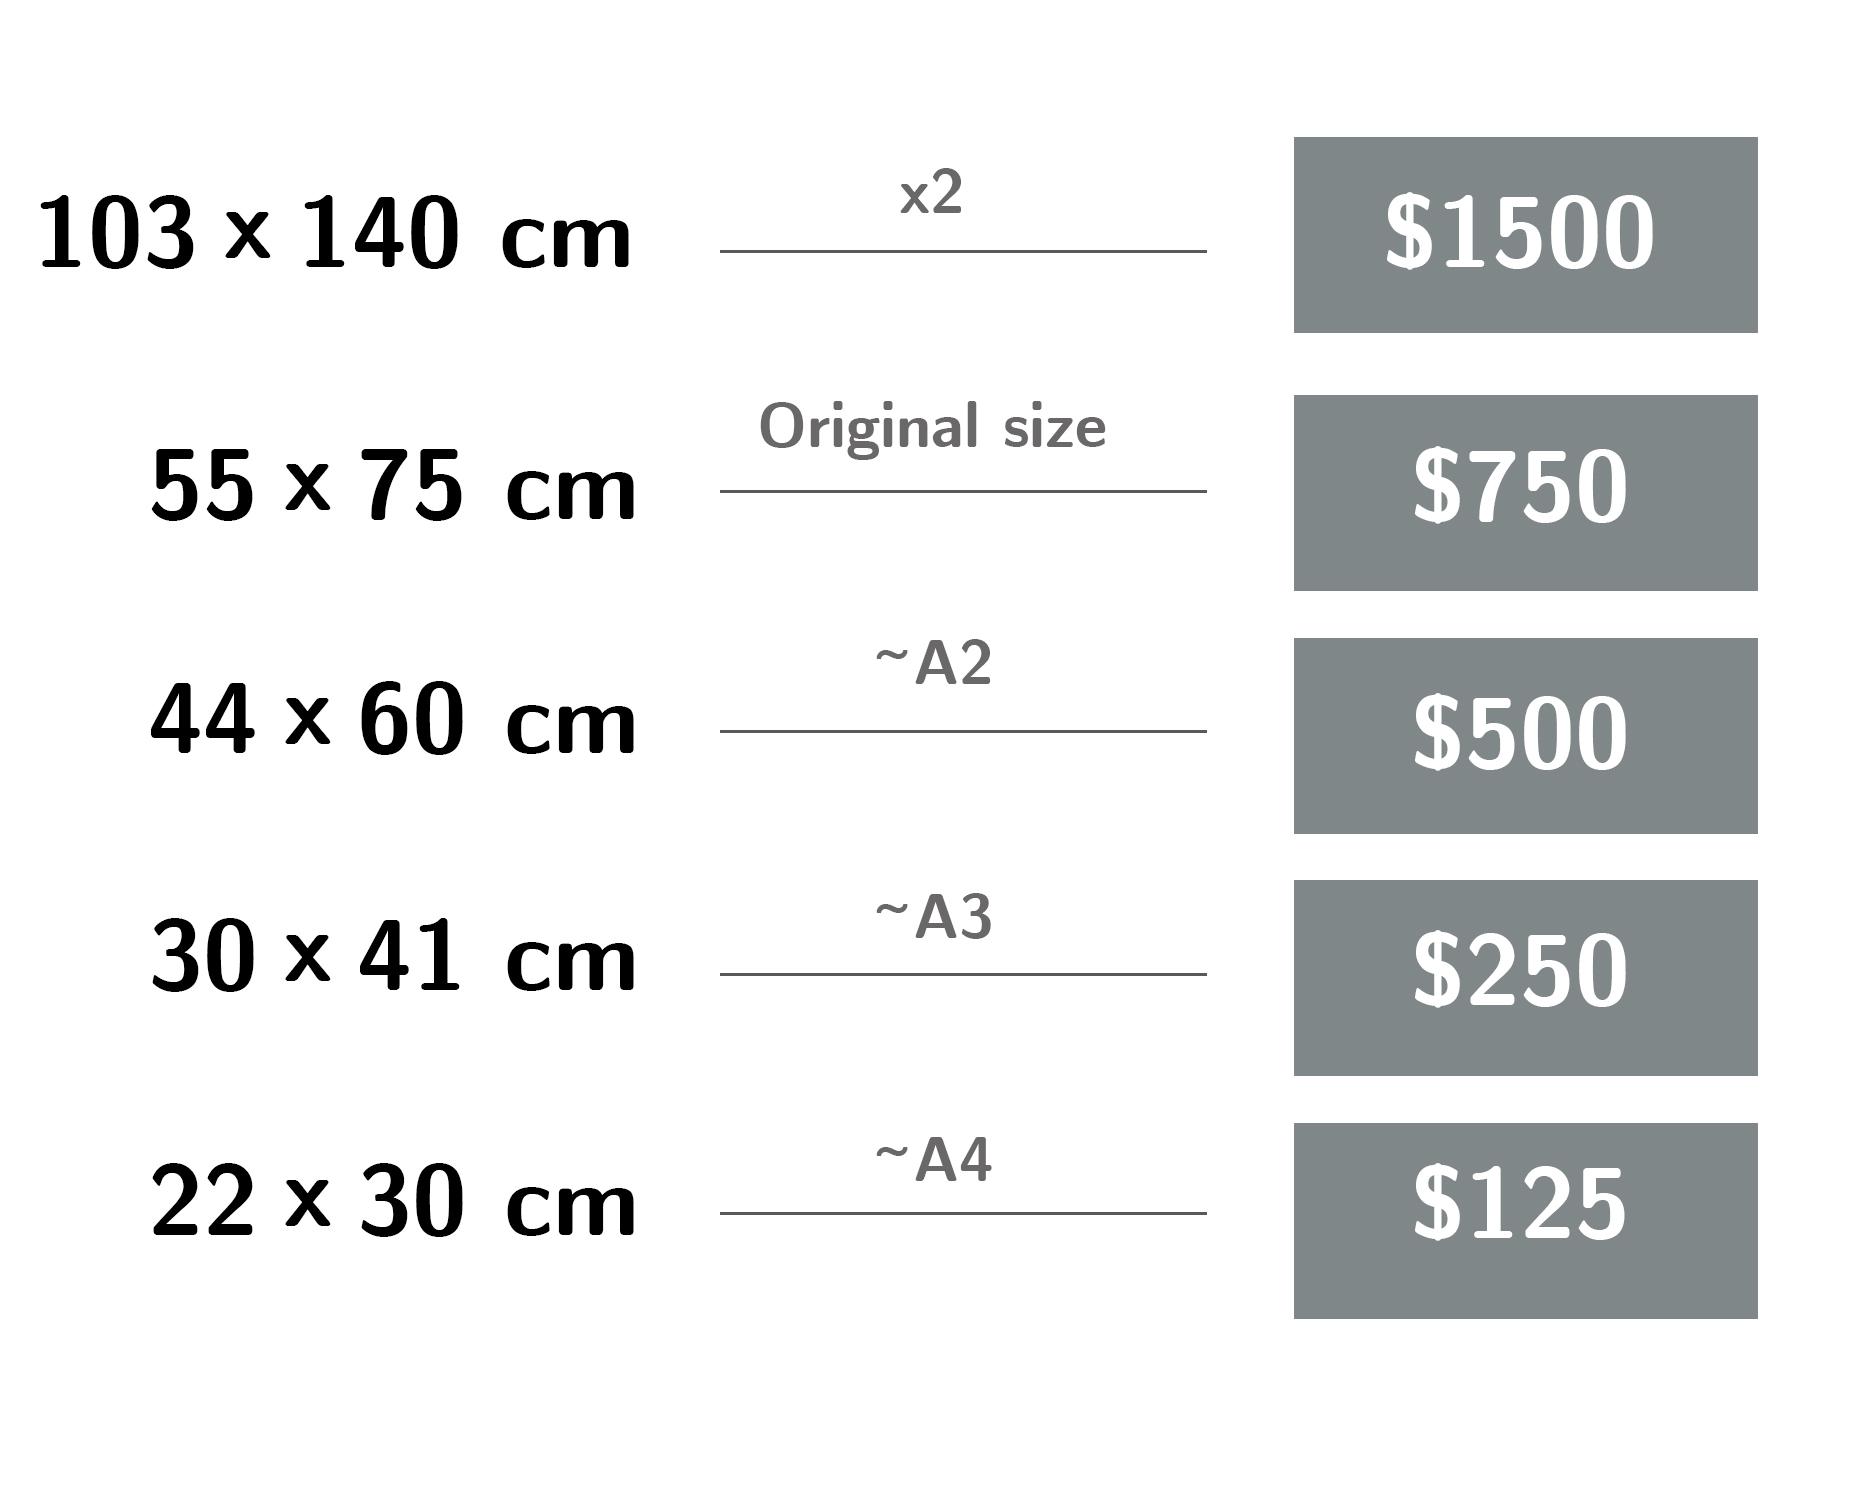 калужский мечтатель размеры и цены.jpg